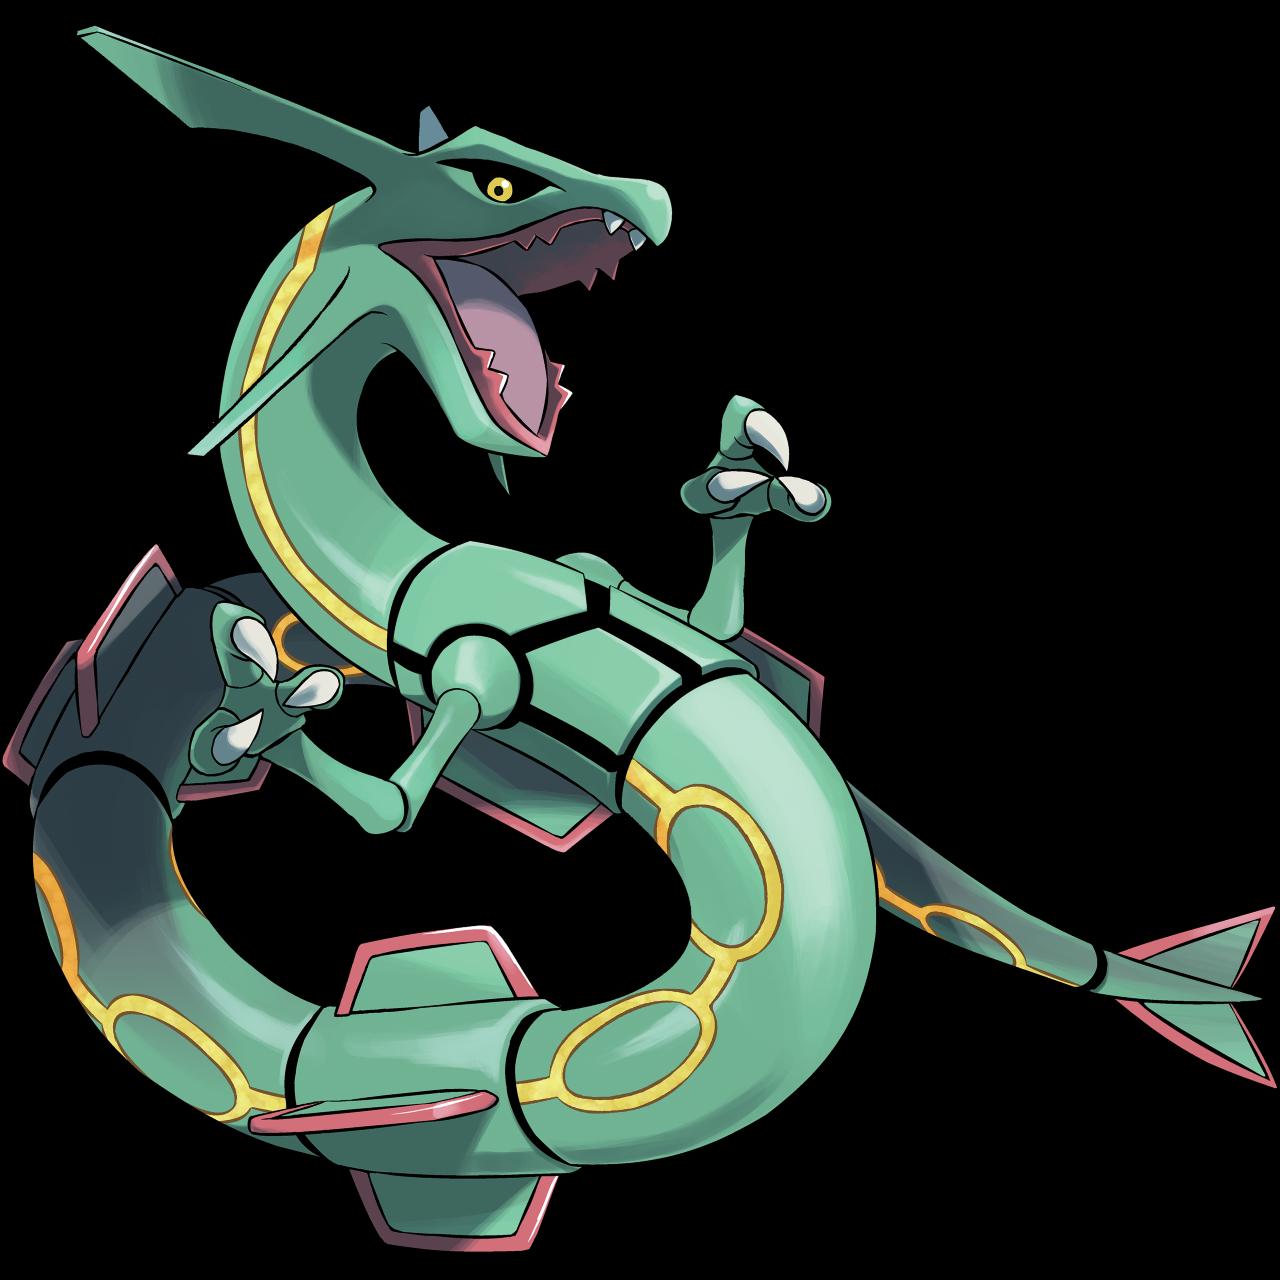 ポケモン oras wiki | 7331 イラス